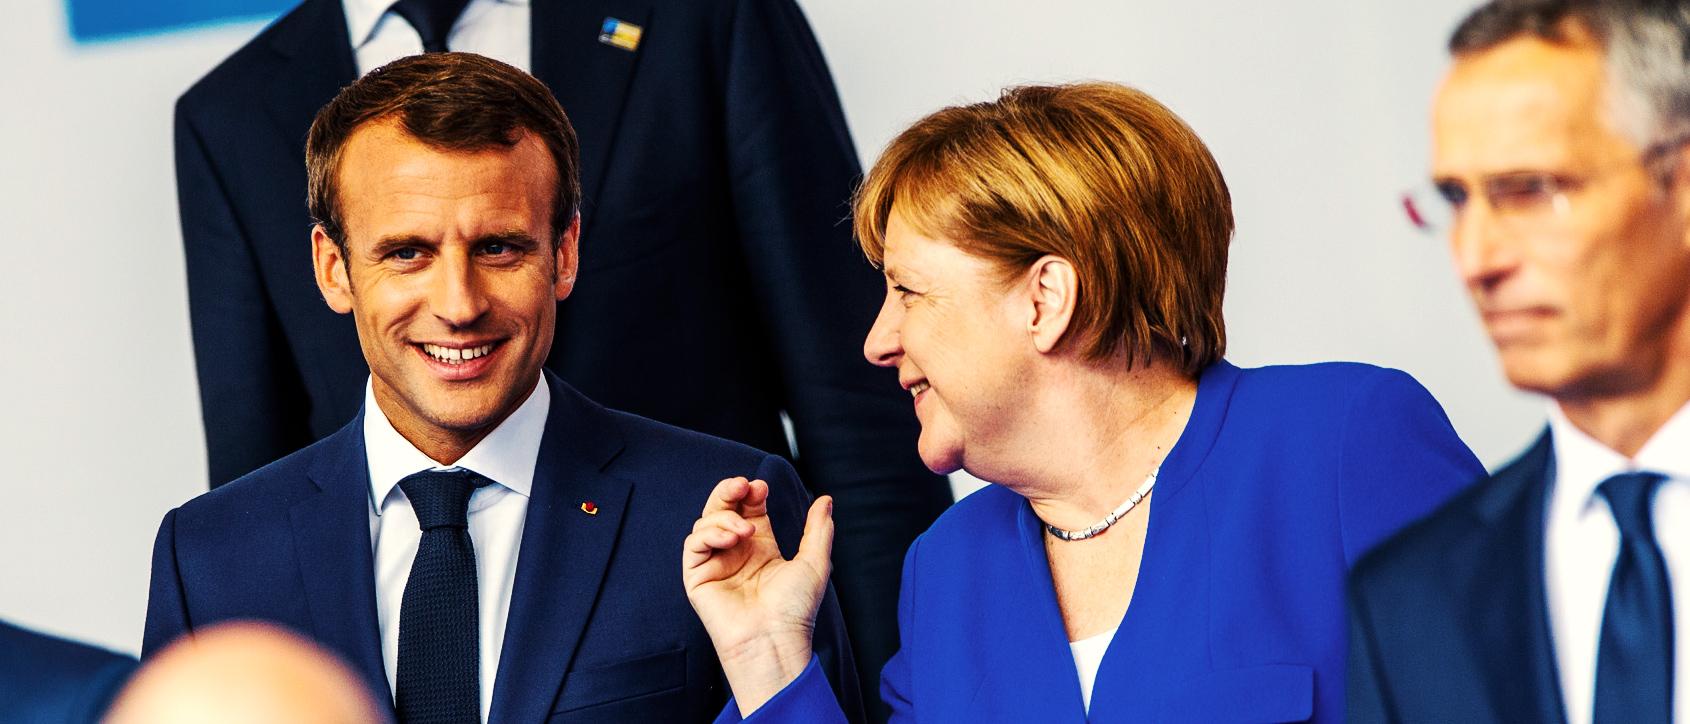 Aachener-Militärvertrag: Deutsch-Französische Führungsansprüche <br>  <span id='sec-title'>Oder: die fortschreitende Militarisierung Europas</span>